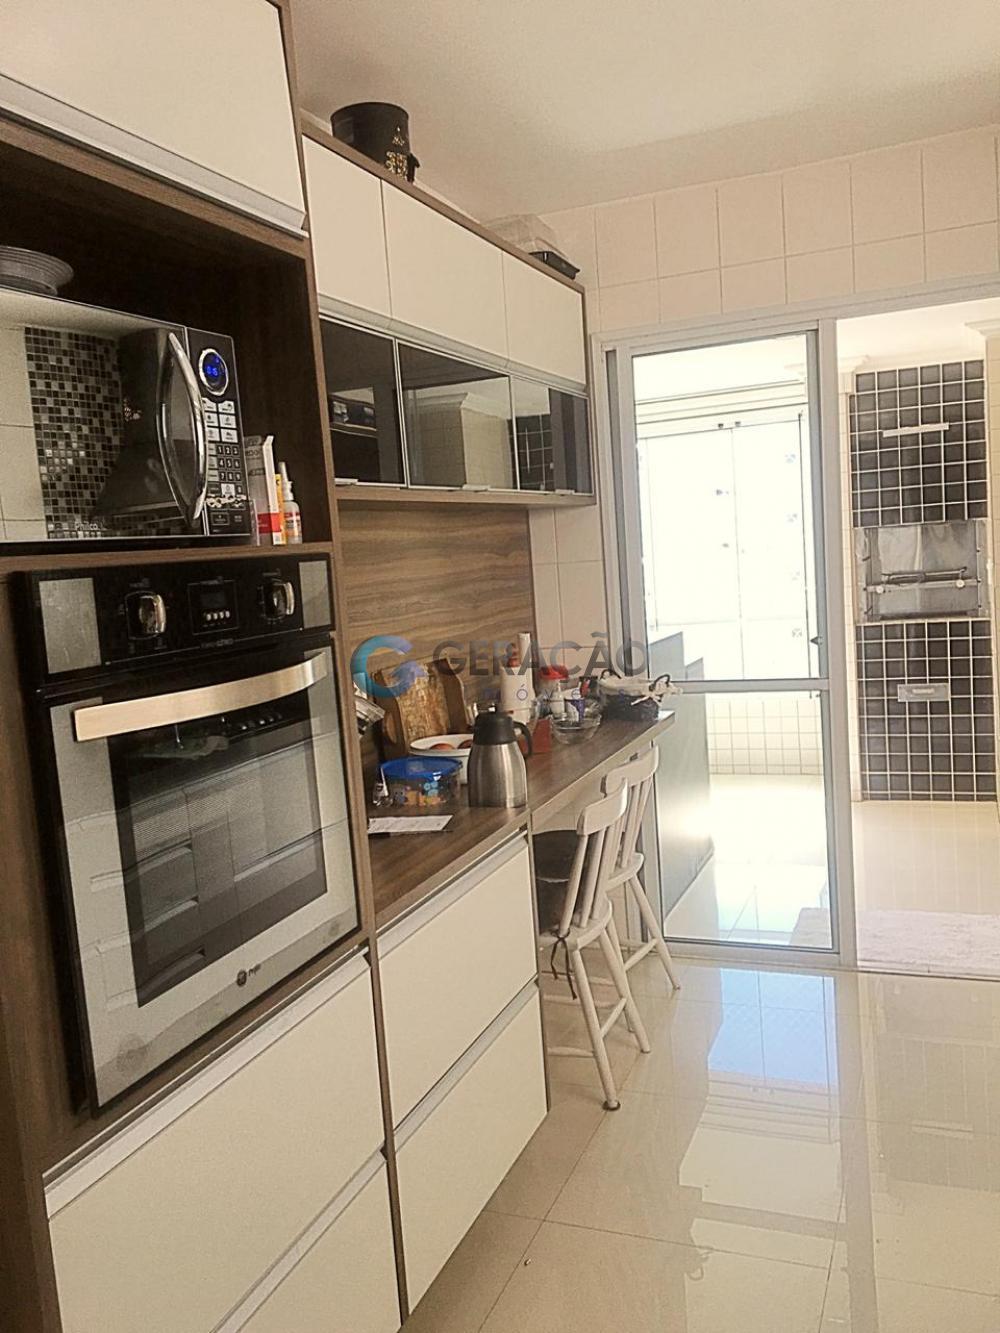 Comprar Apartamento / Padrão em São José dos Campos apenas R$ 1.300.000,00 - Foto 5